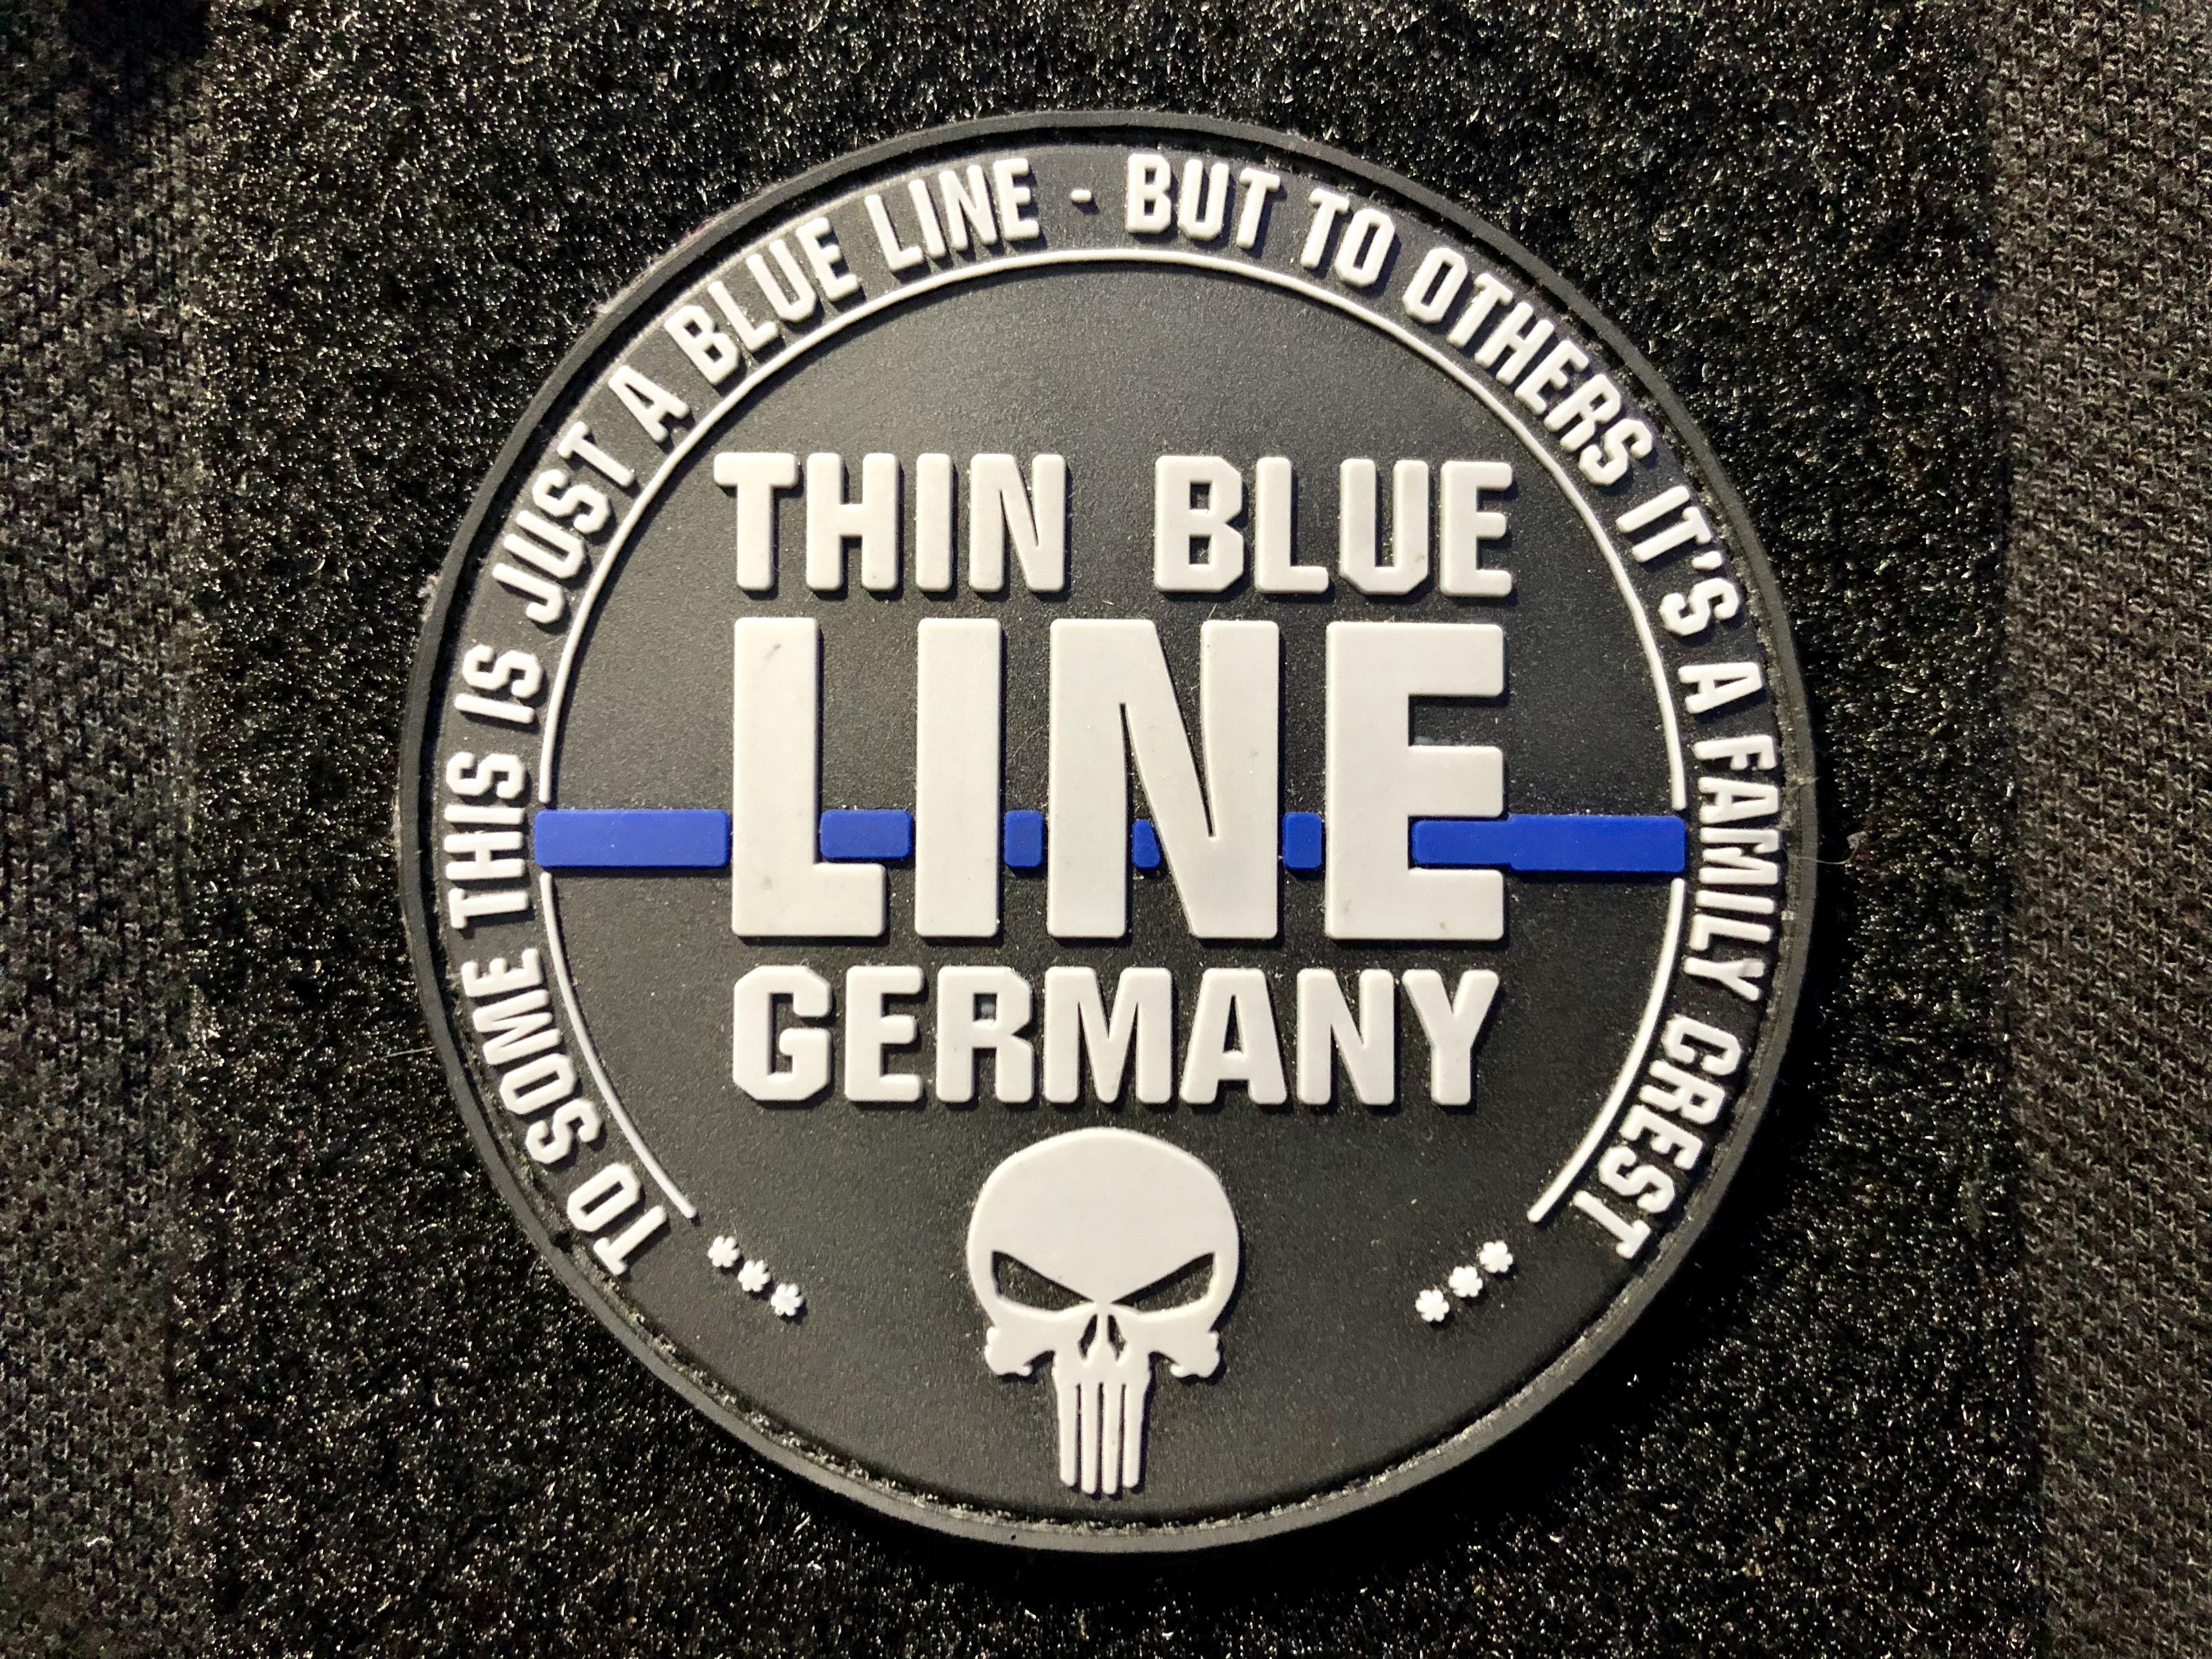 The Thin Blue Line Deutsch